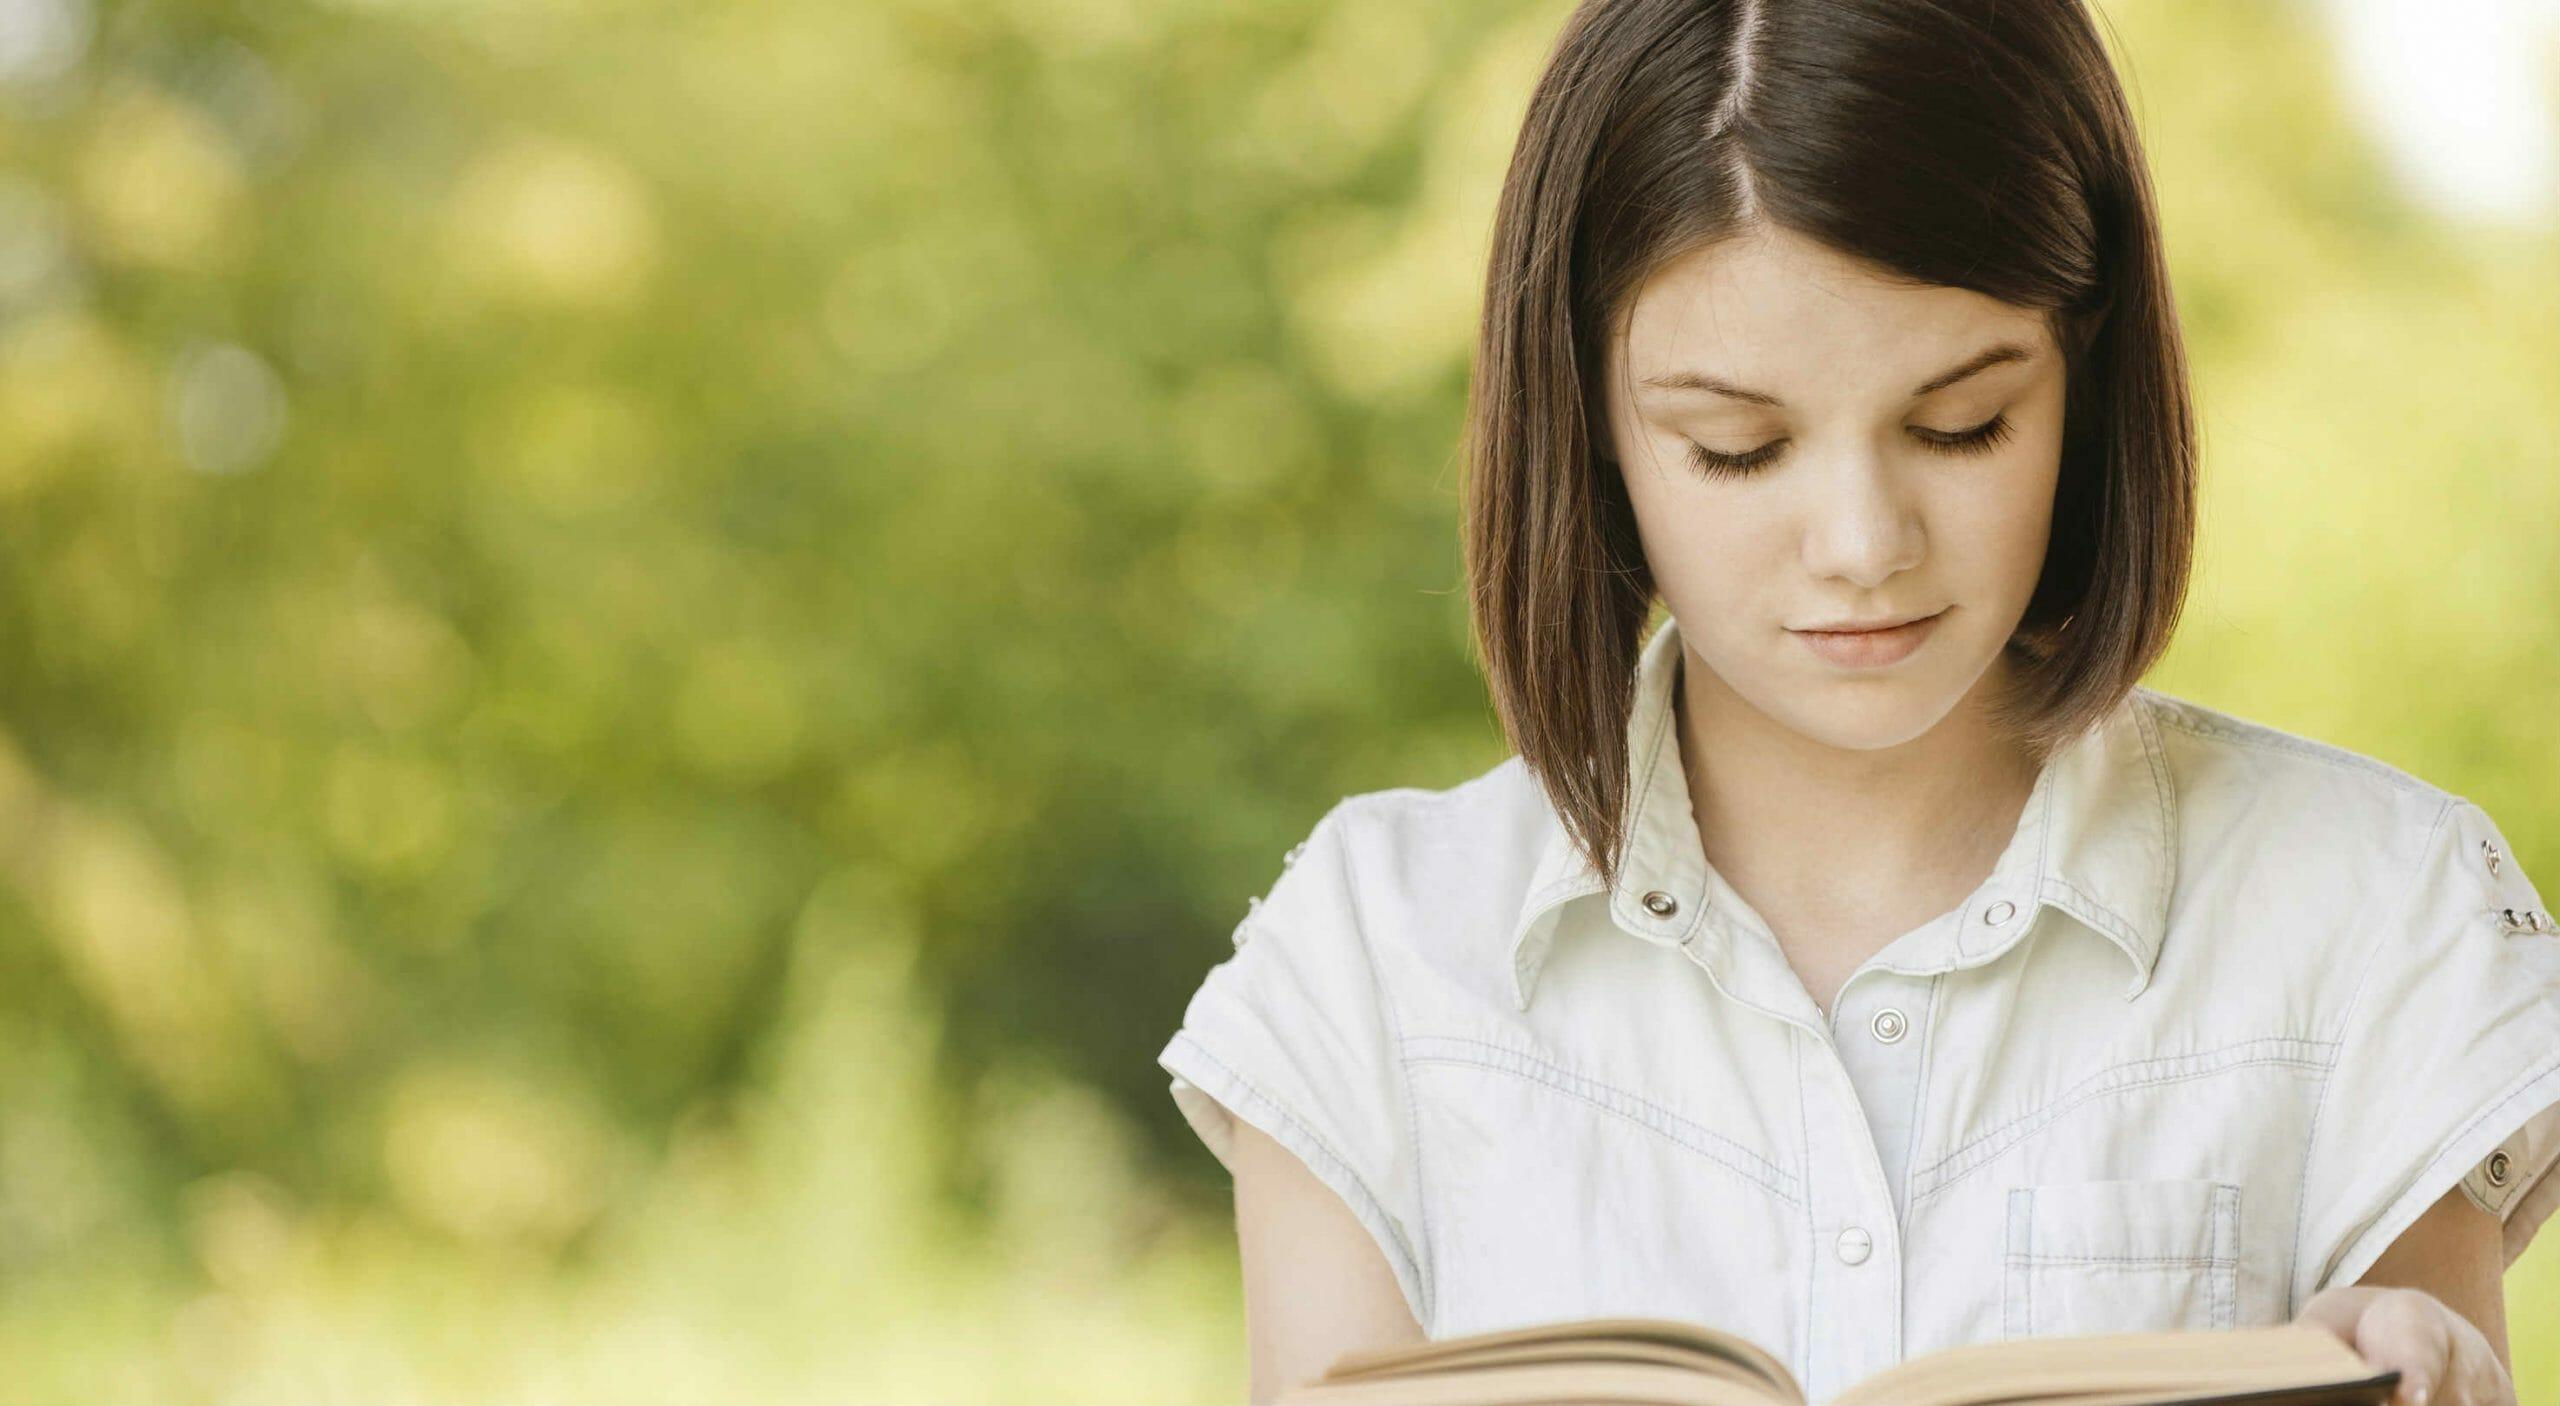 Sull'importanza di parlare con i figli di libri e di storie